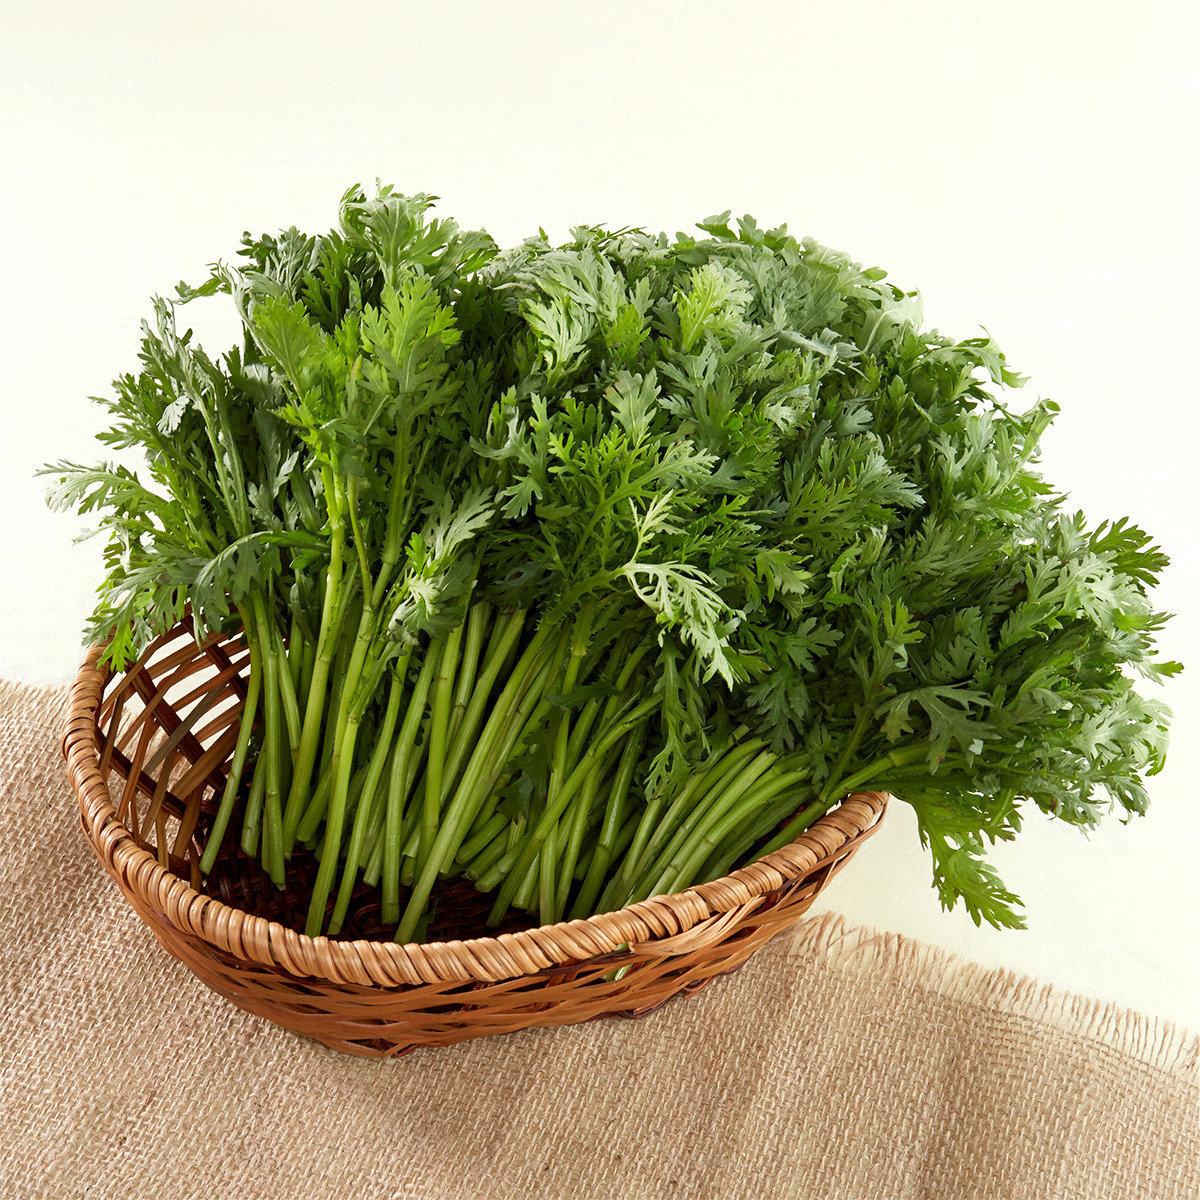 有機春菊 (皇帝菜) (約200-300克)